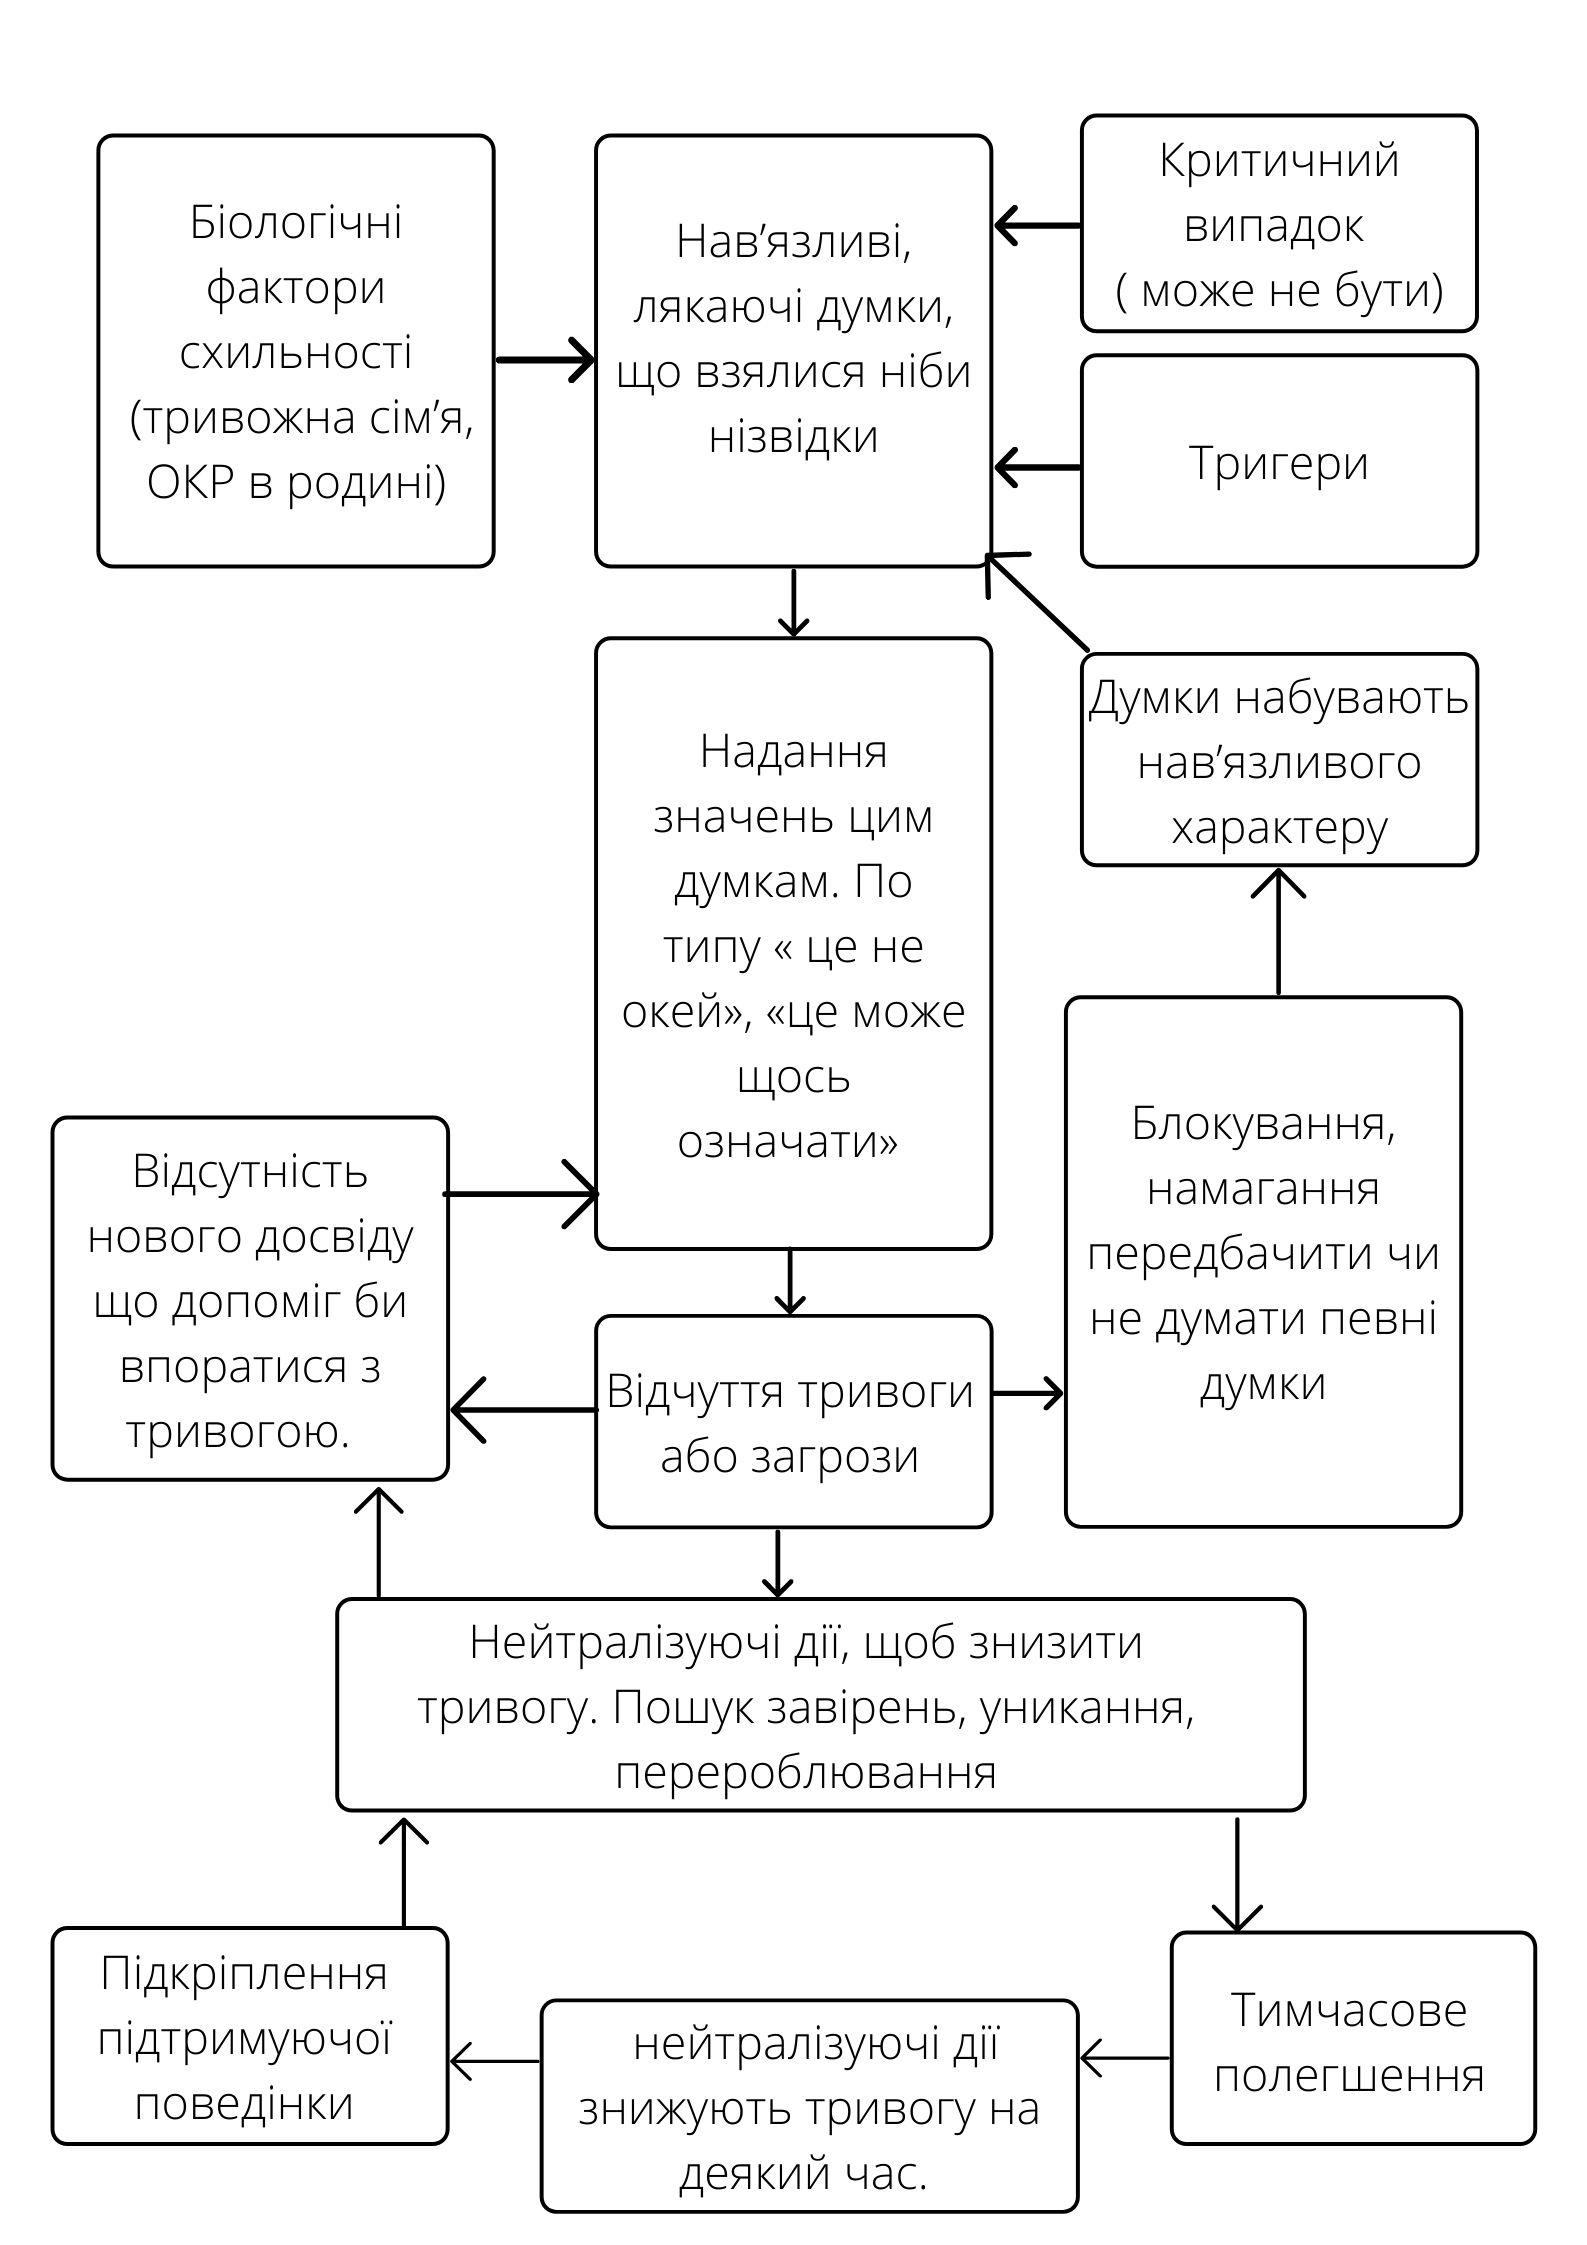 Обсесивно-компульсивний розлад - фото № 4